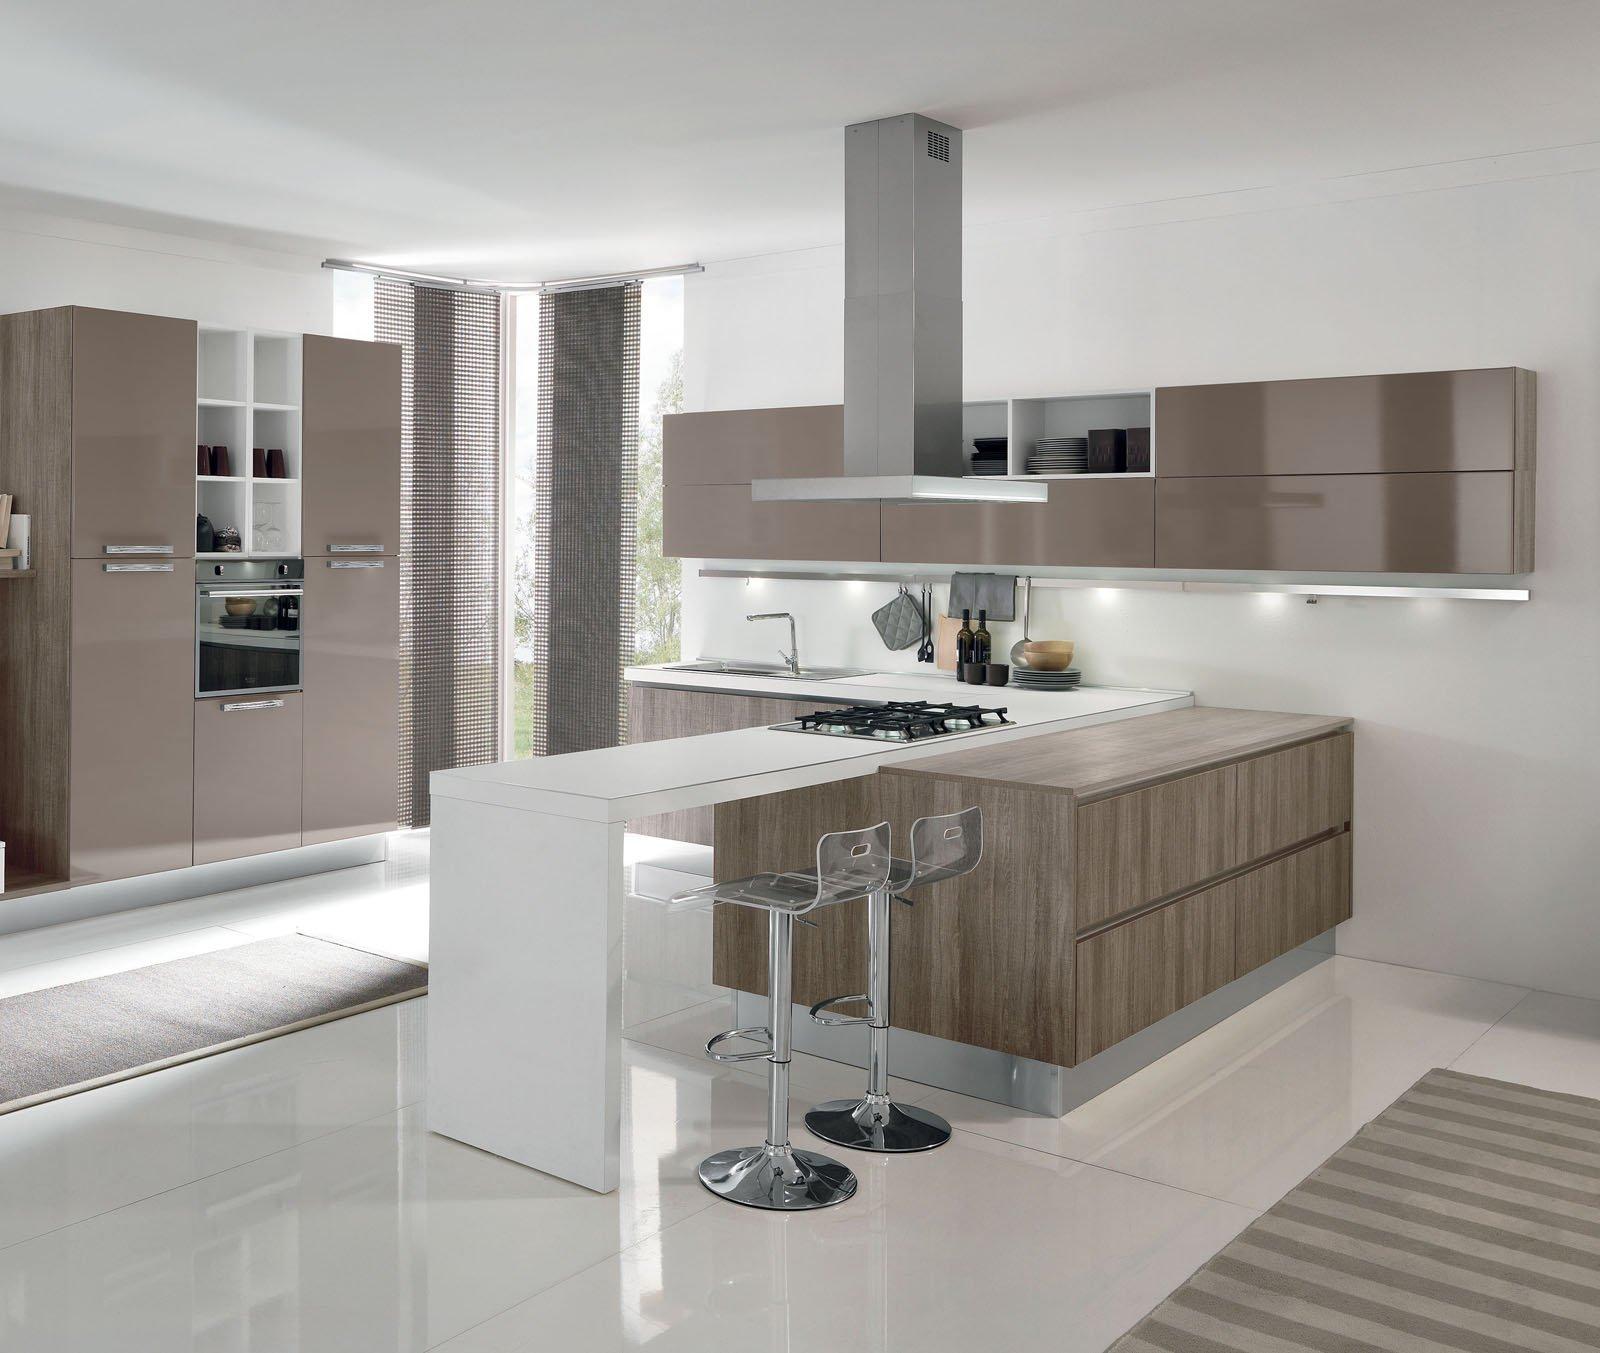 Aran 5 cucine per sfruttare lo spazio in modi differenti cose di casa for Quanto costa una cucina scavolini